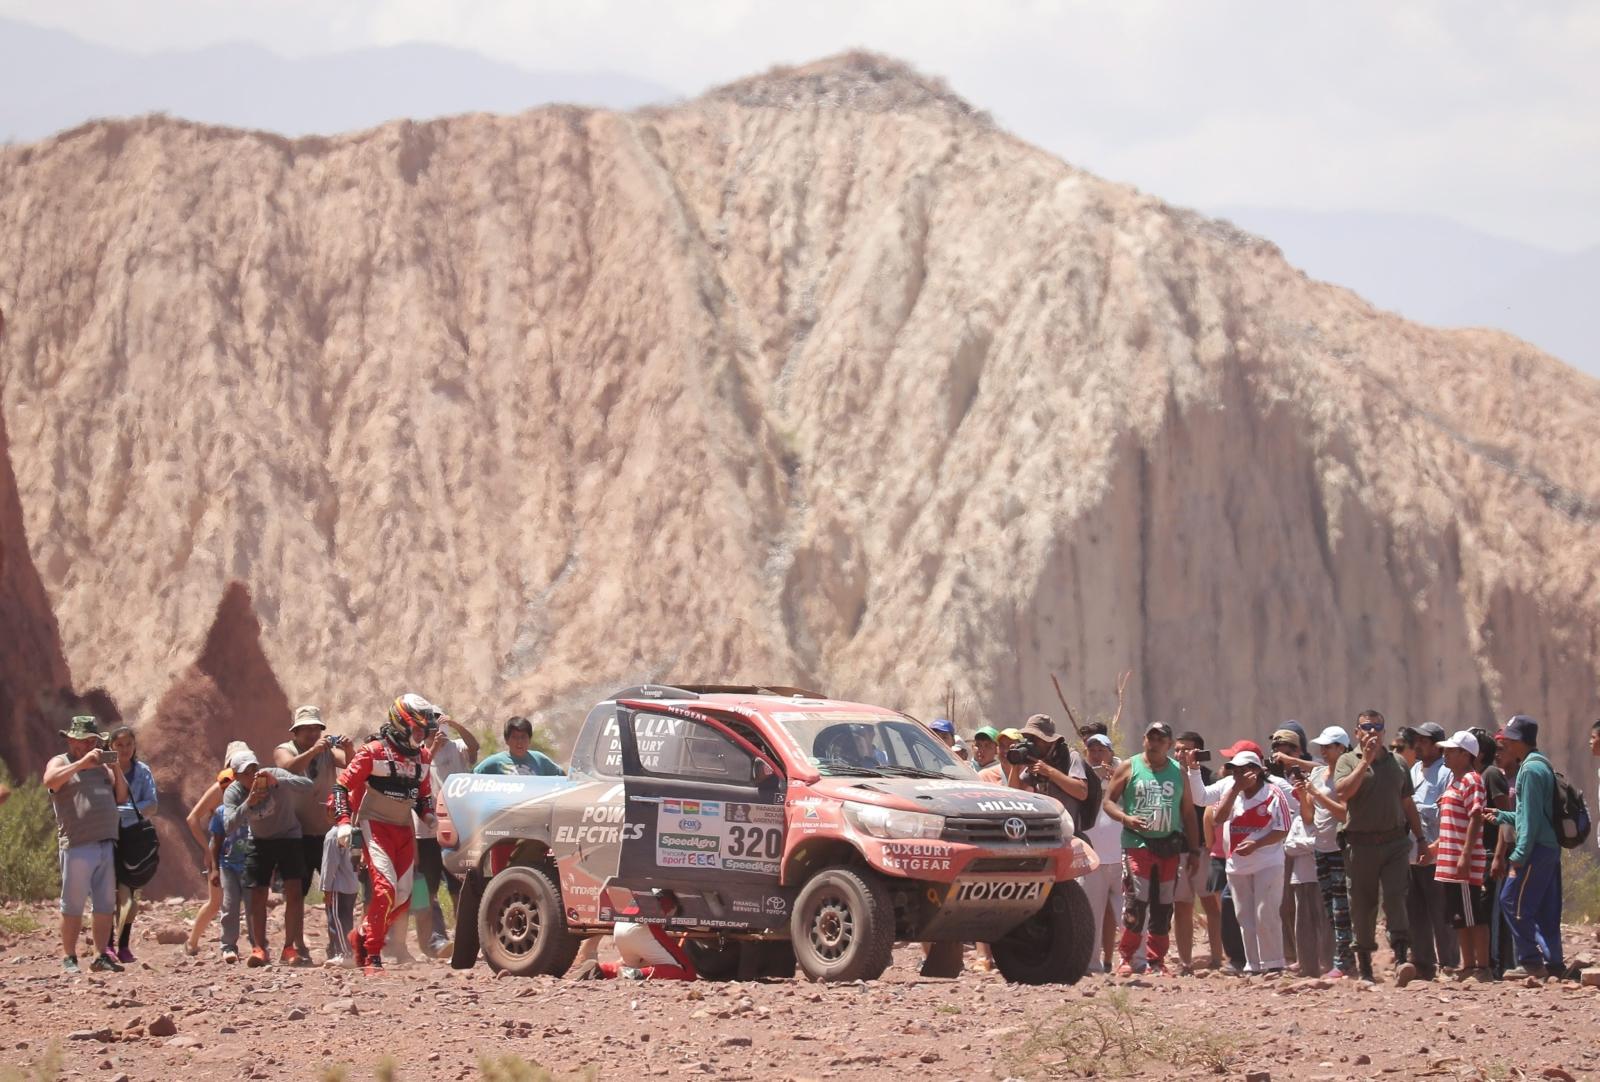 Rajd Dakar 2017 fot. EPA/NICOLAS AGUILERA